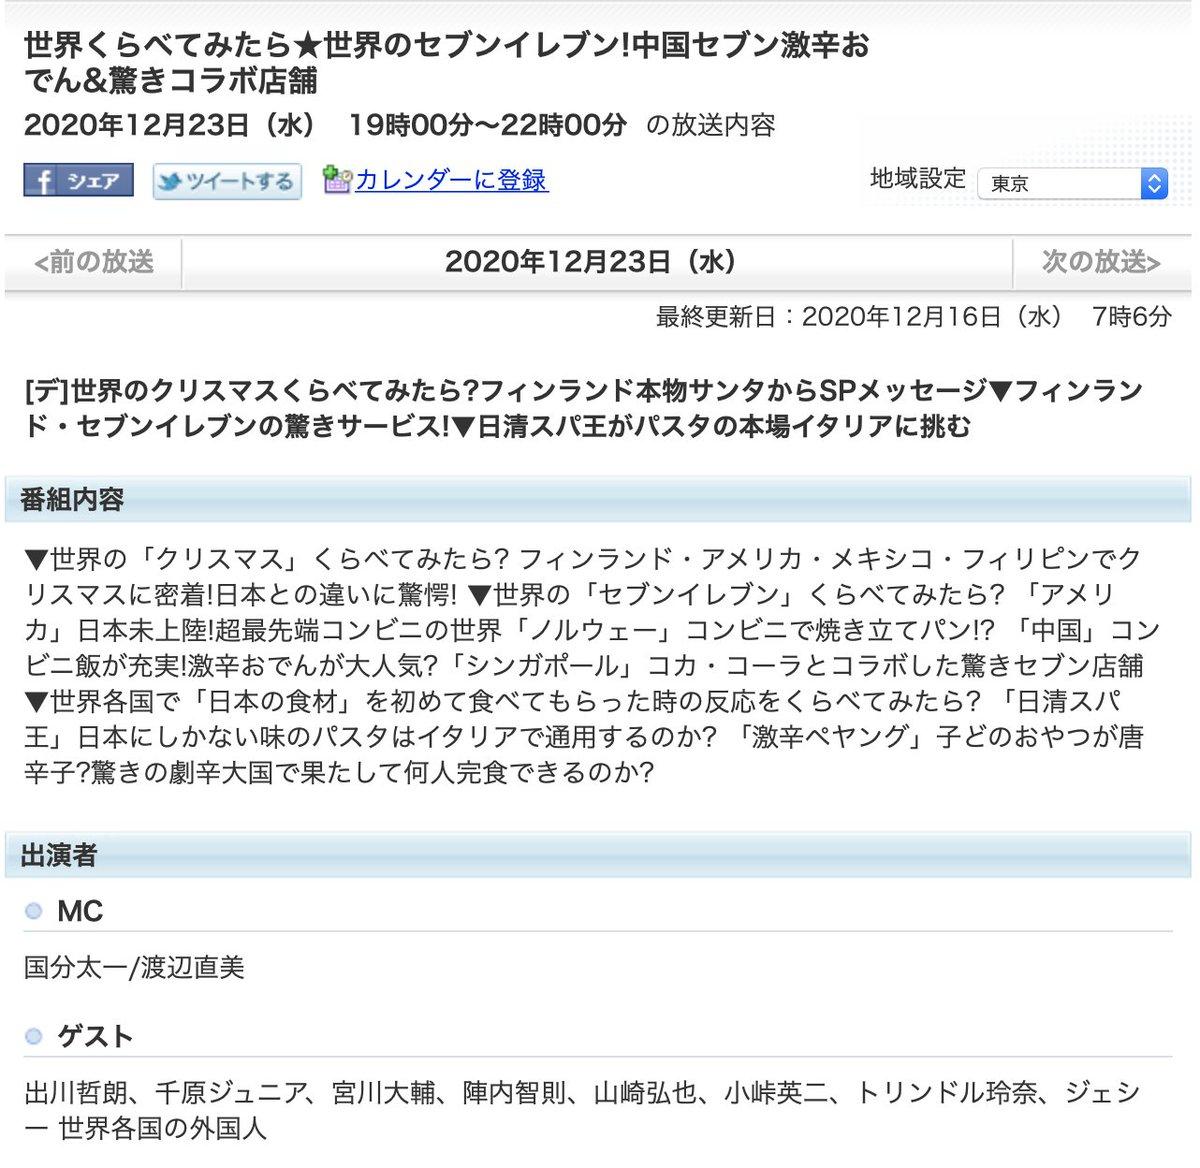 情報 出演 Sixtones テレビ